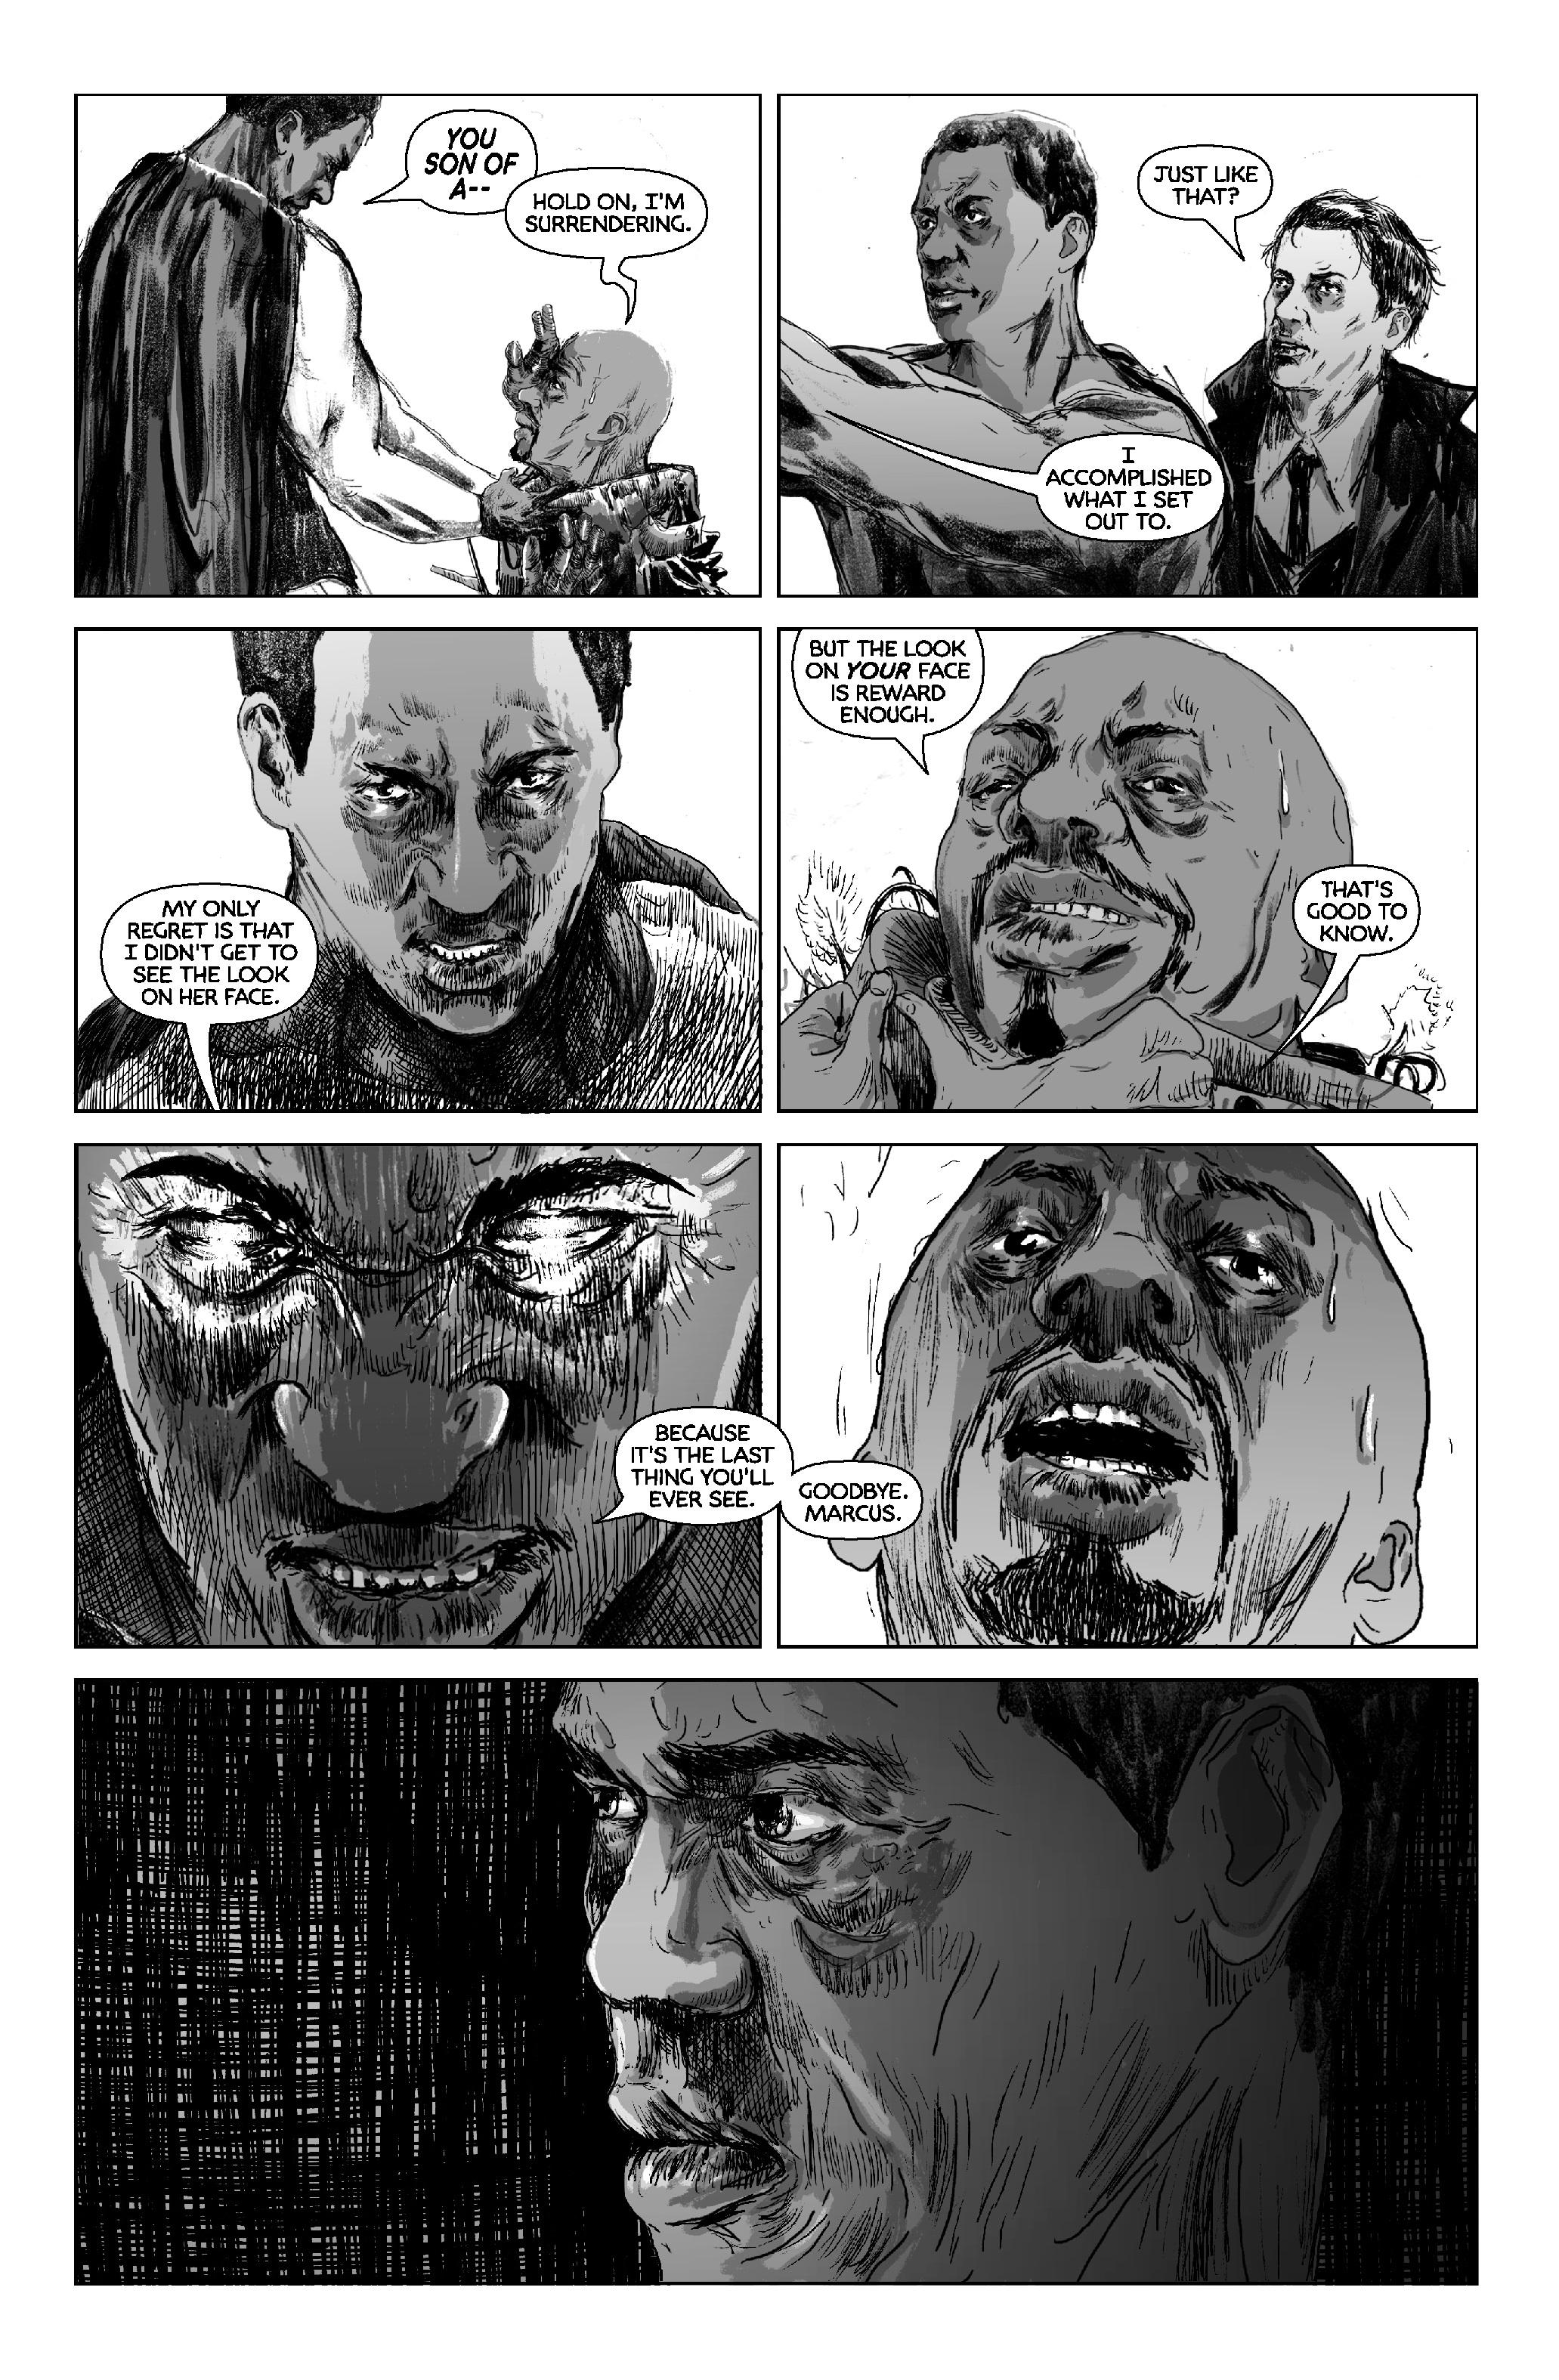 (10) Goodbye, Marcus